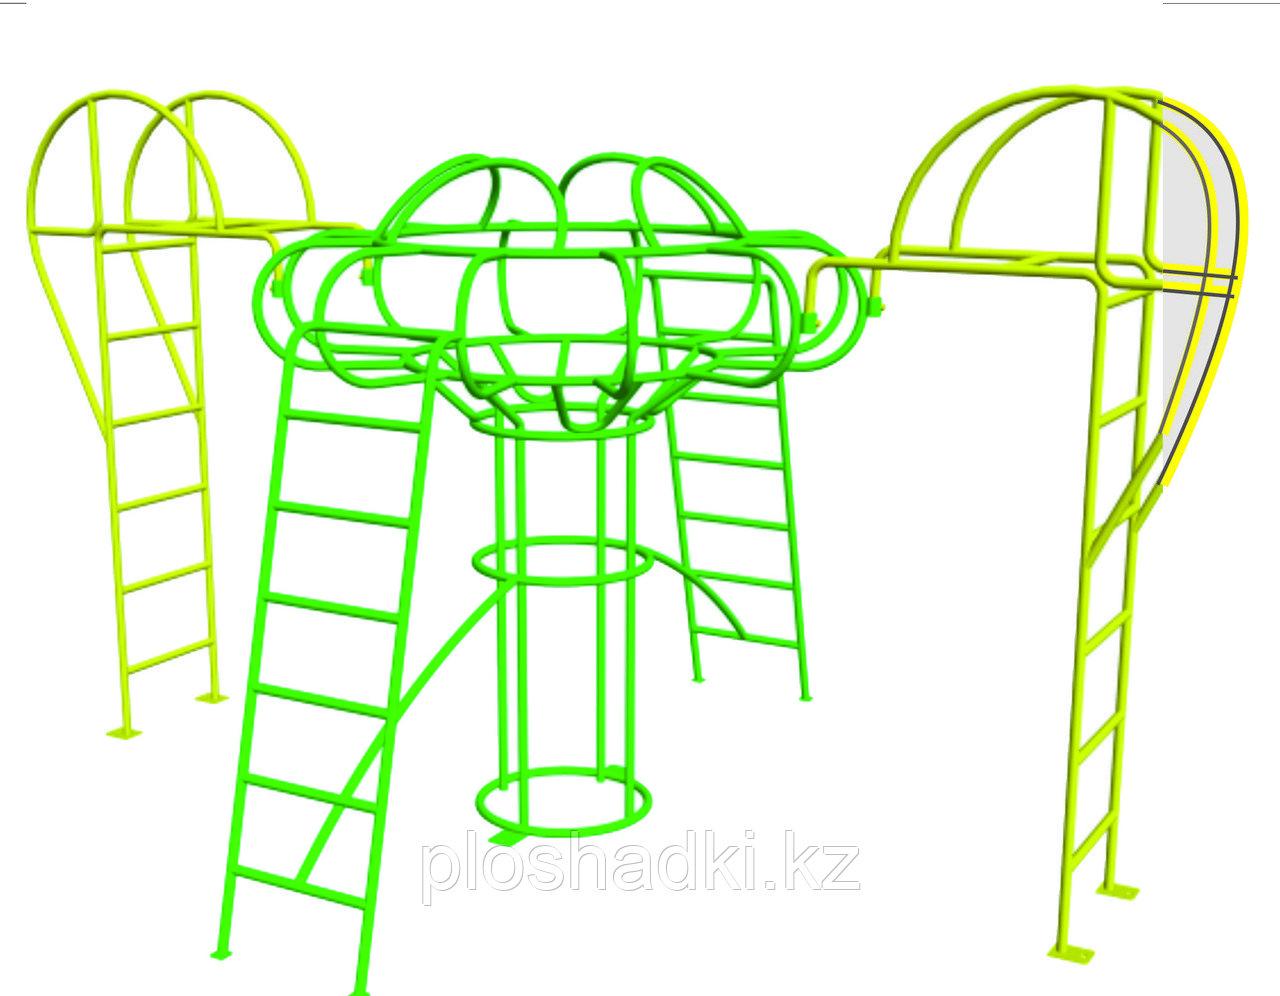 Игровой комплекс детский, рукоходы, лестница гимнастическая